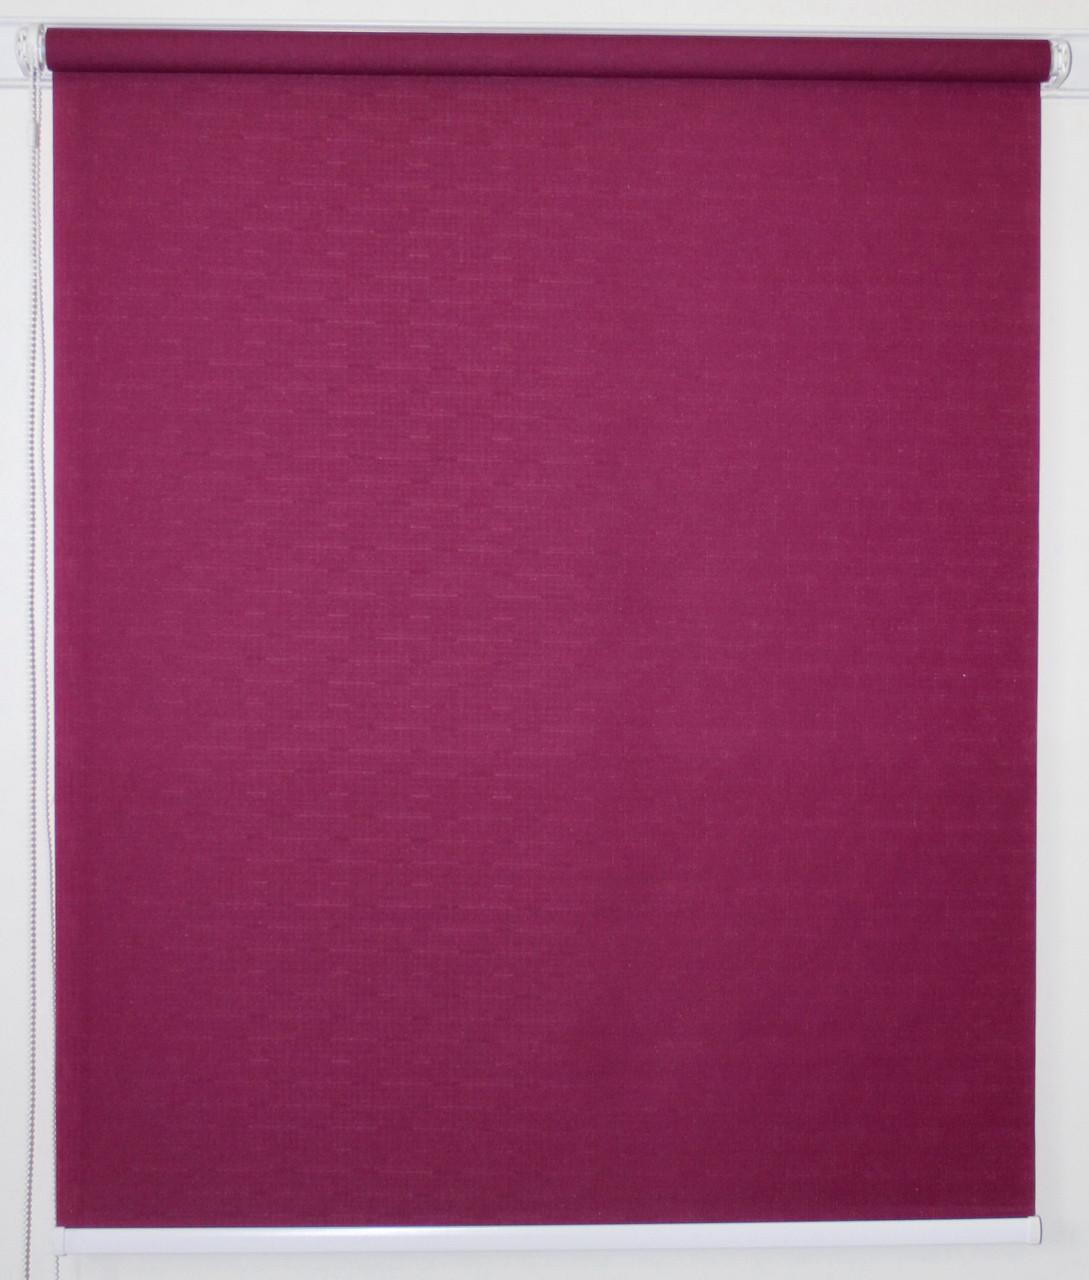 Рулонная штора 450*1500 Ткань Лён 7446 Пурпурно-красный